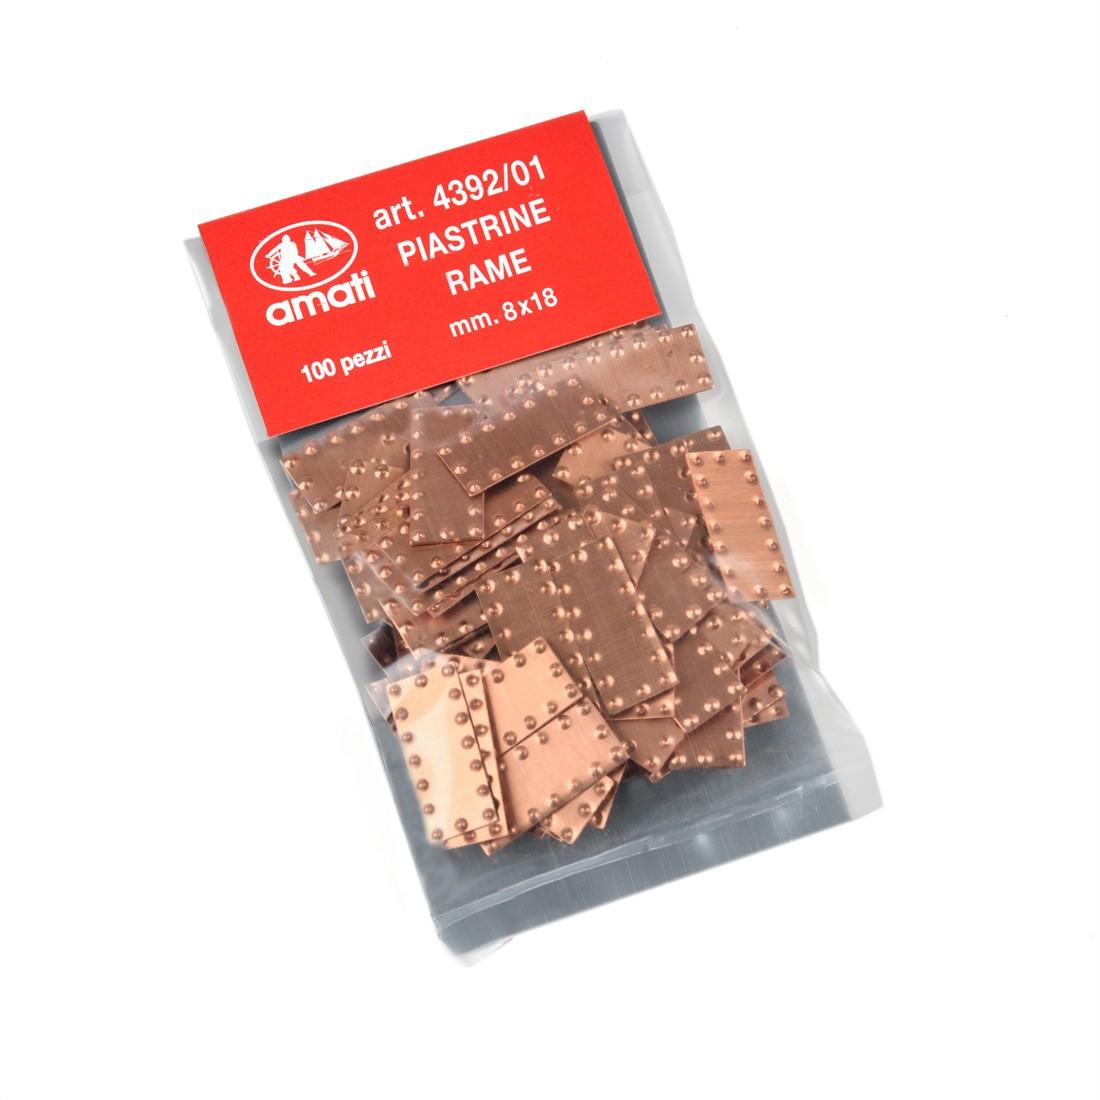 Placas de cobre mm.8x18